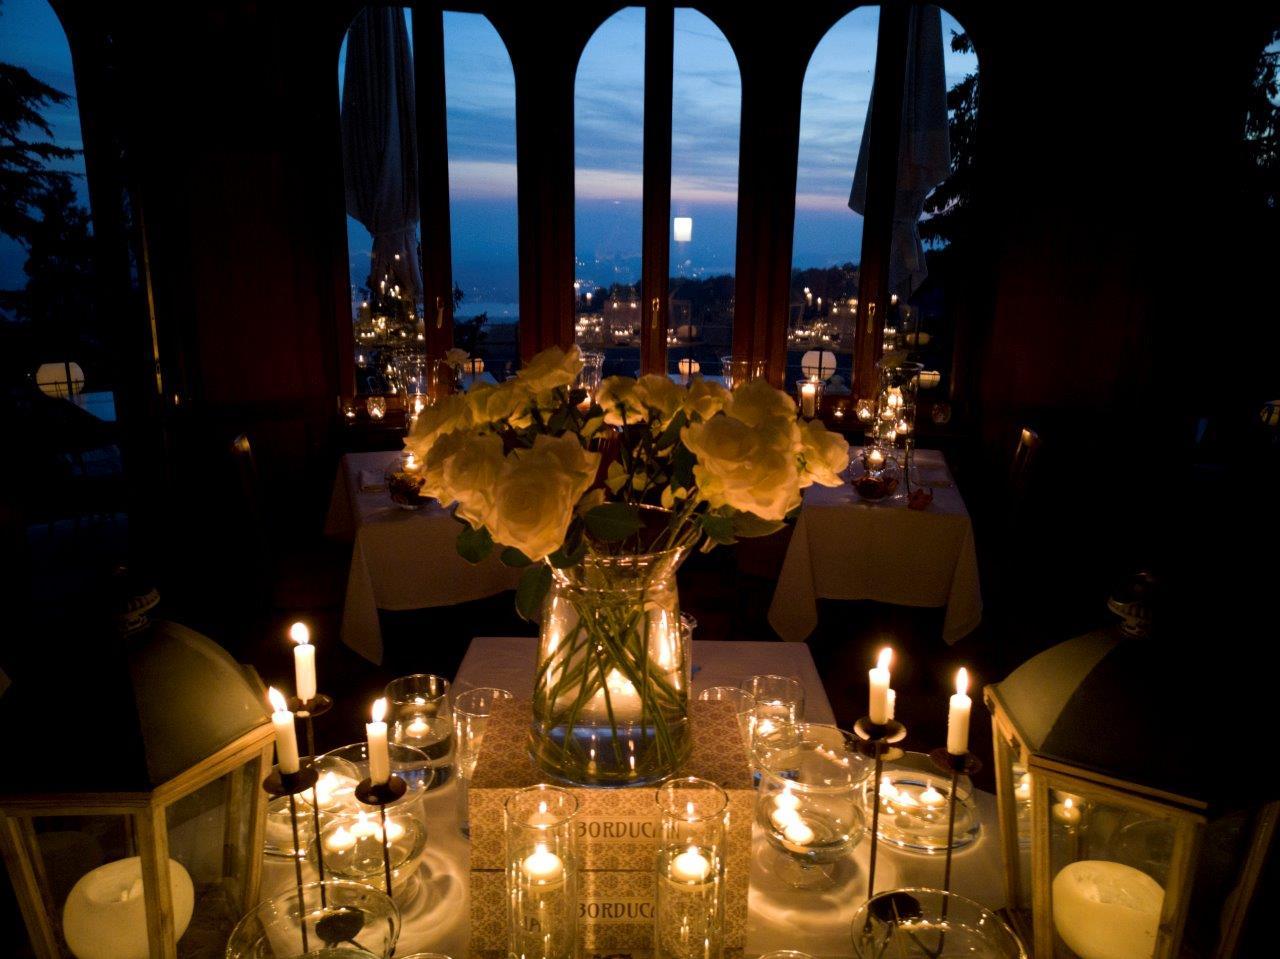 La sala ristorante del Bonducan illuminata solo dalla luce delle candele